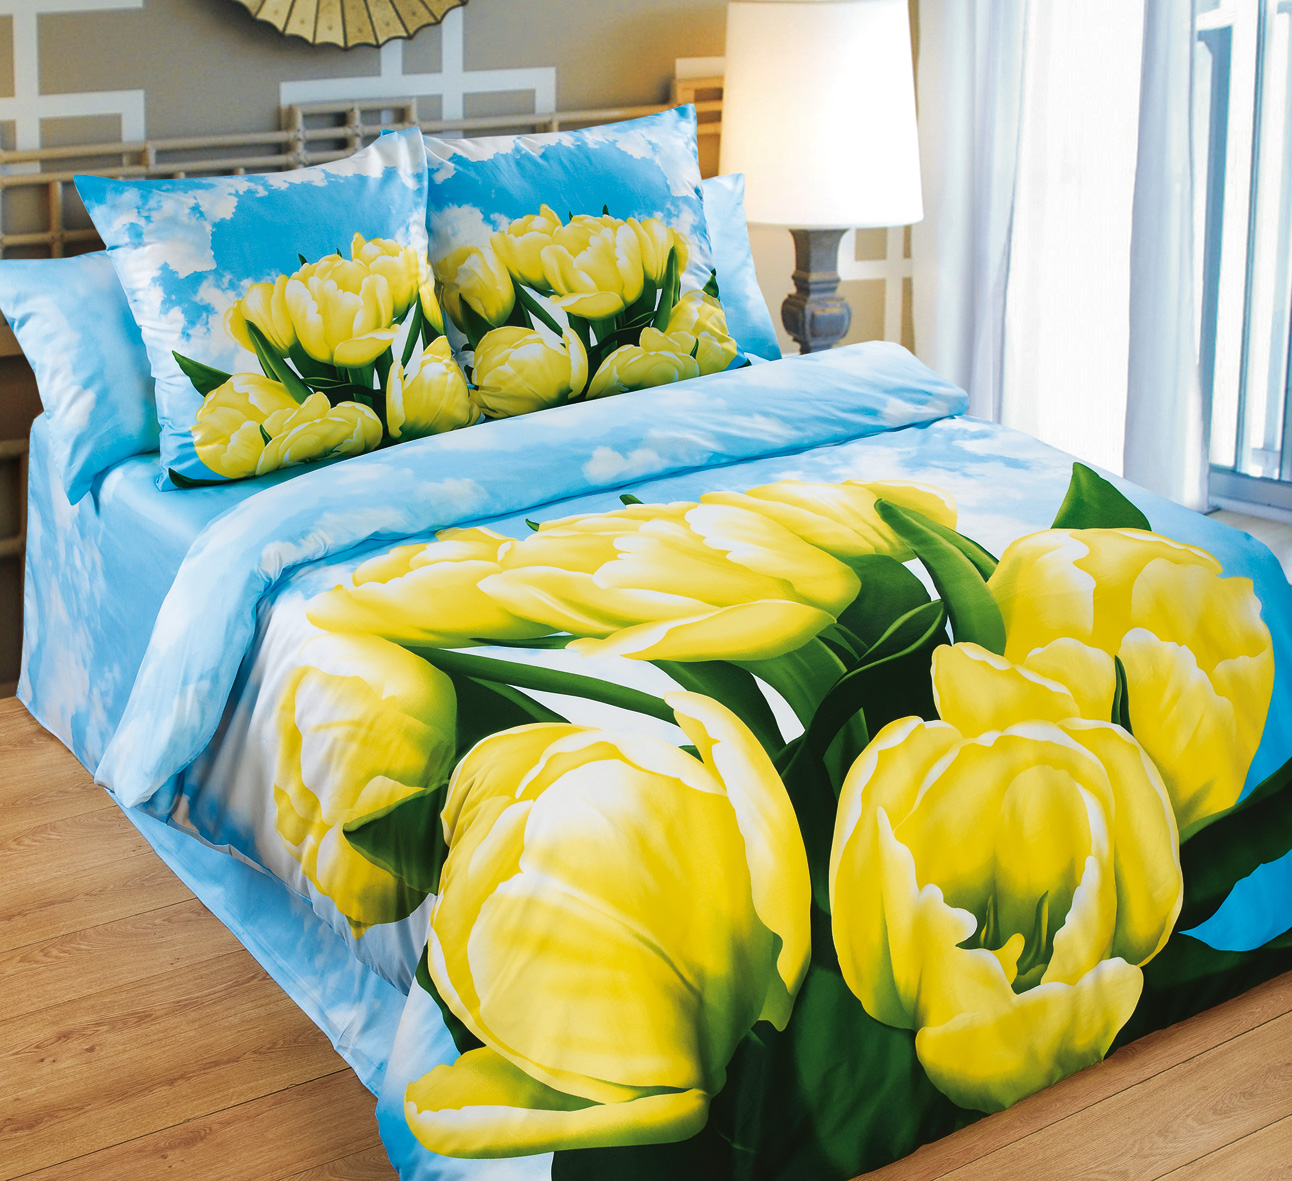 Где купить качественное постельное бельё в Самаре?